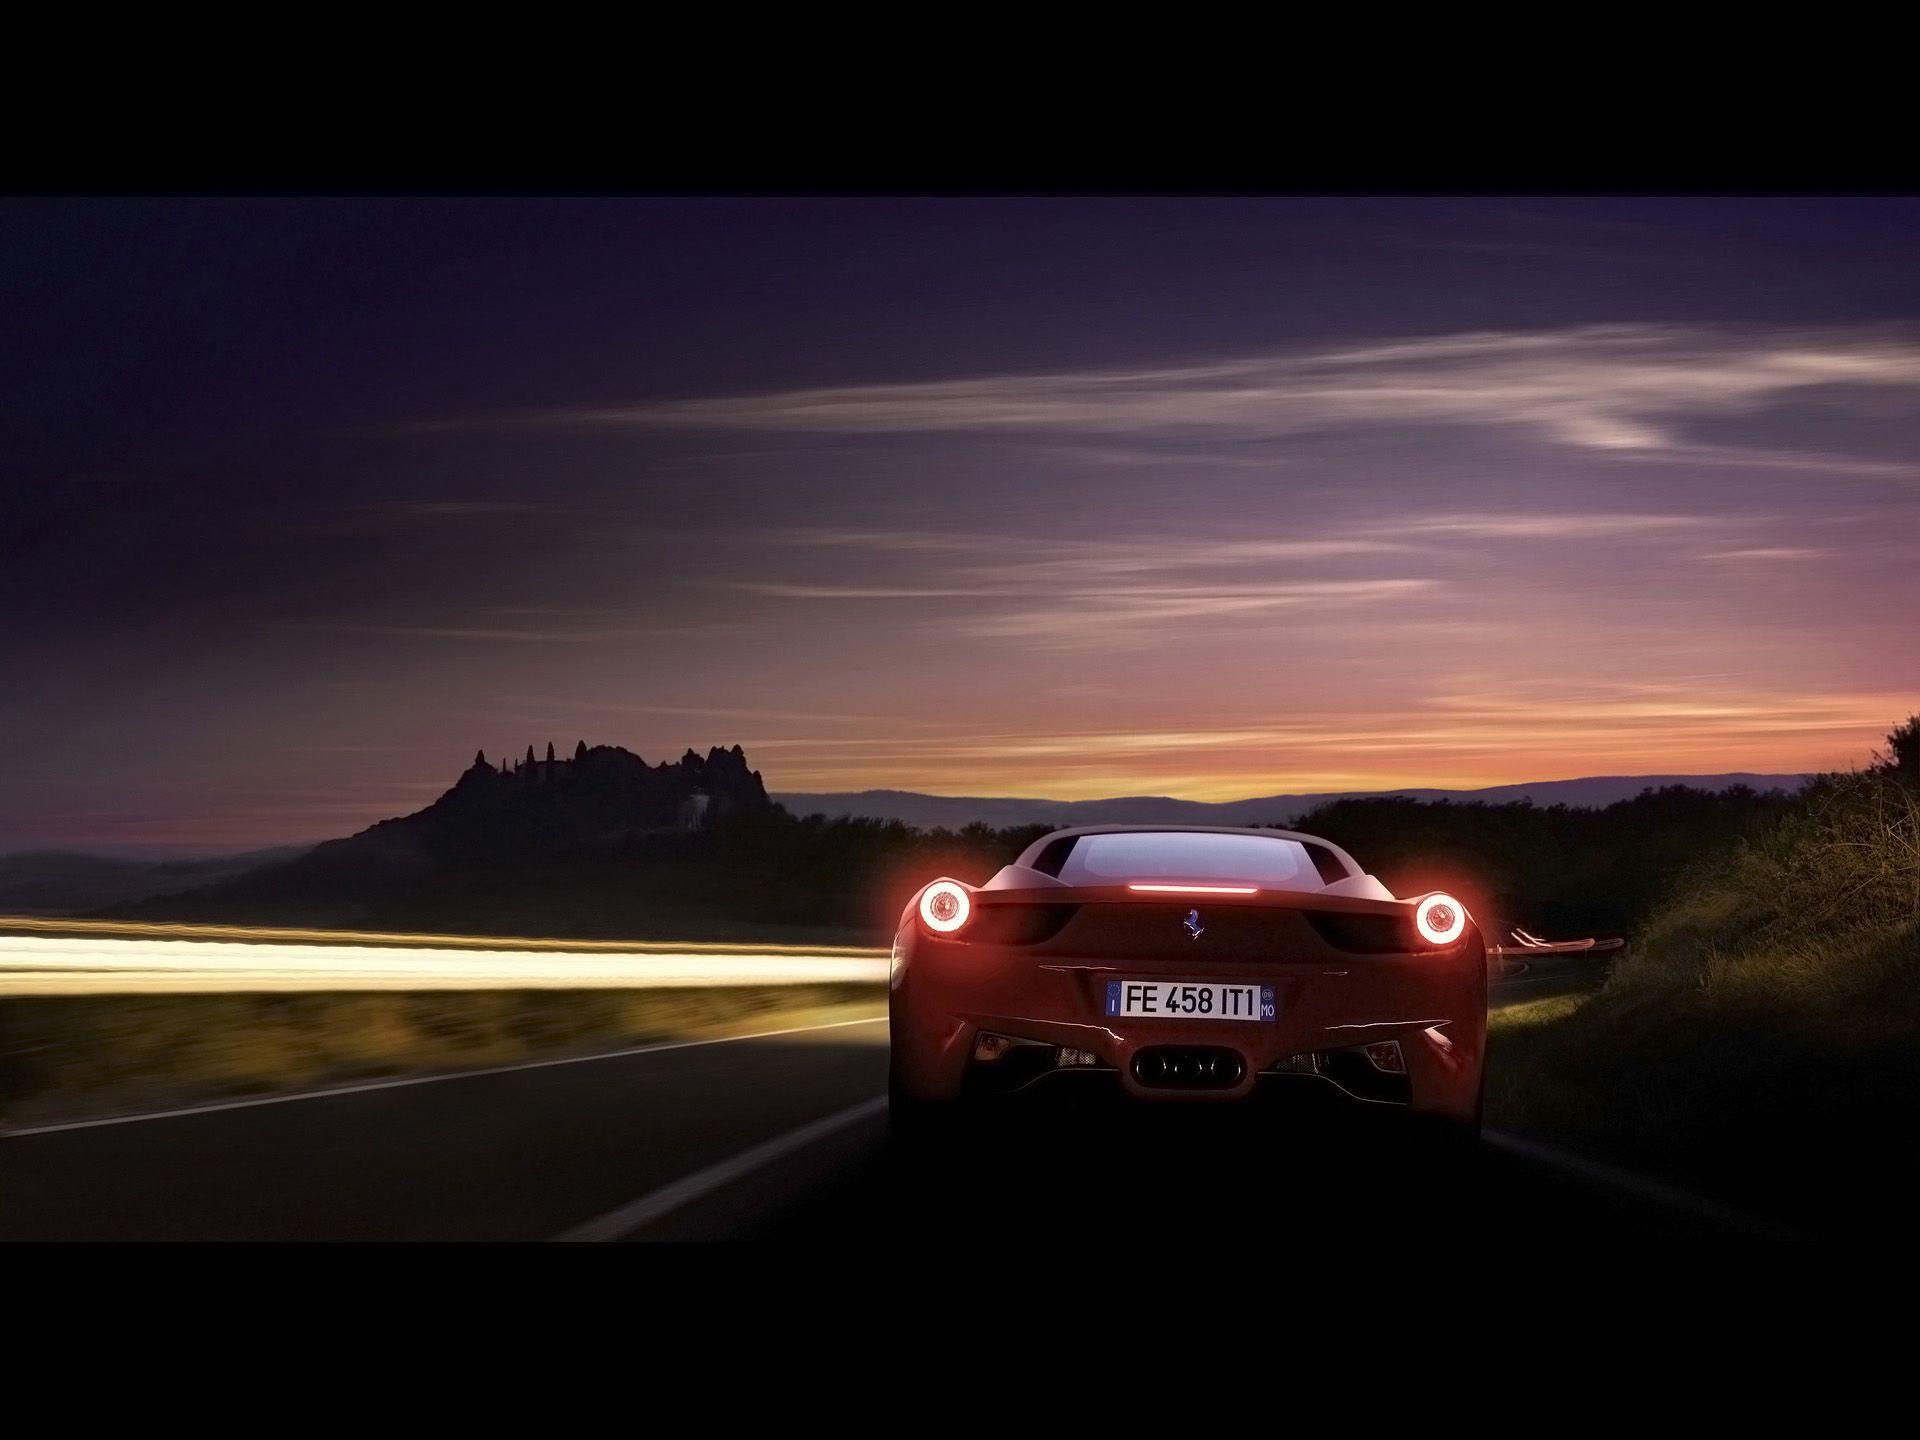 2011 Ferrari 458 Italia Red Rear Speed Night 1920x1440